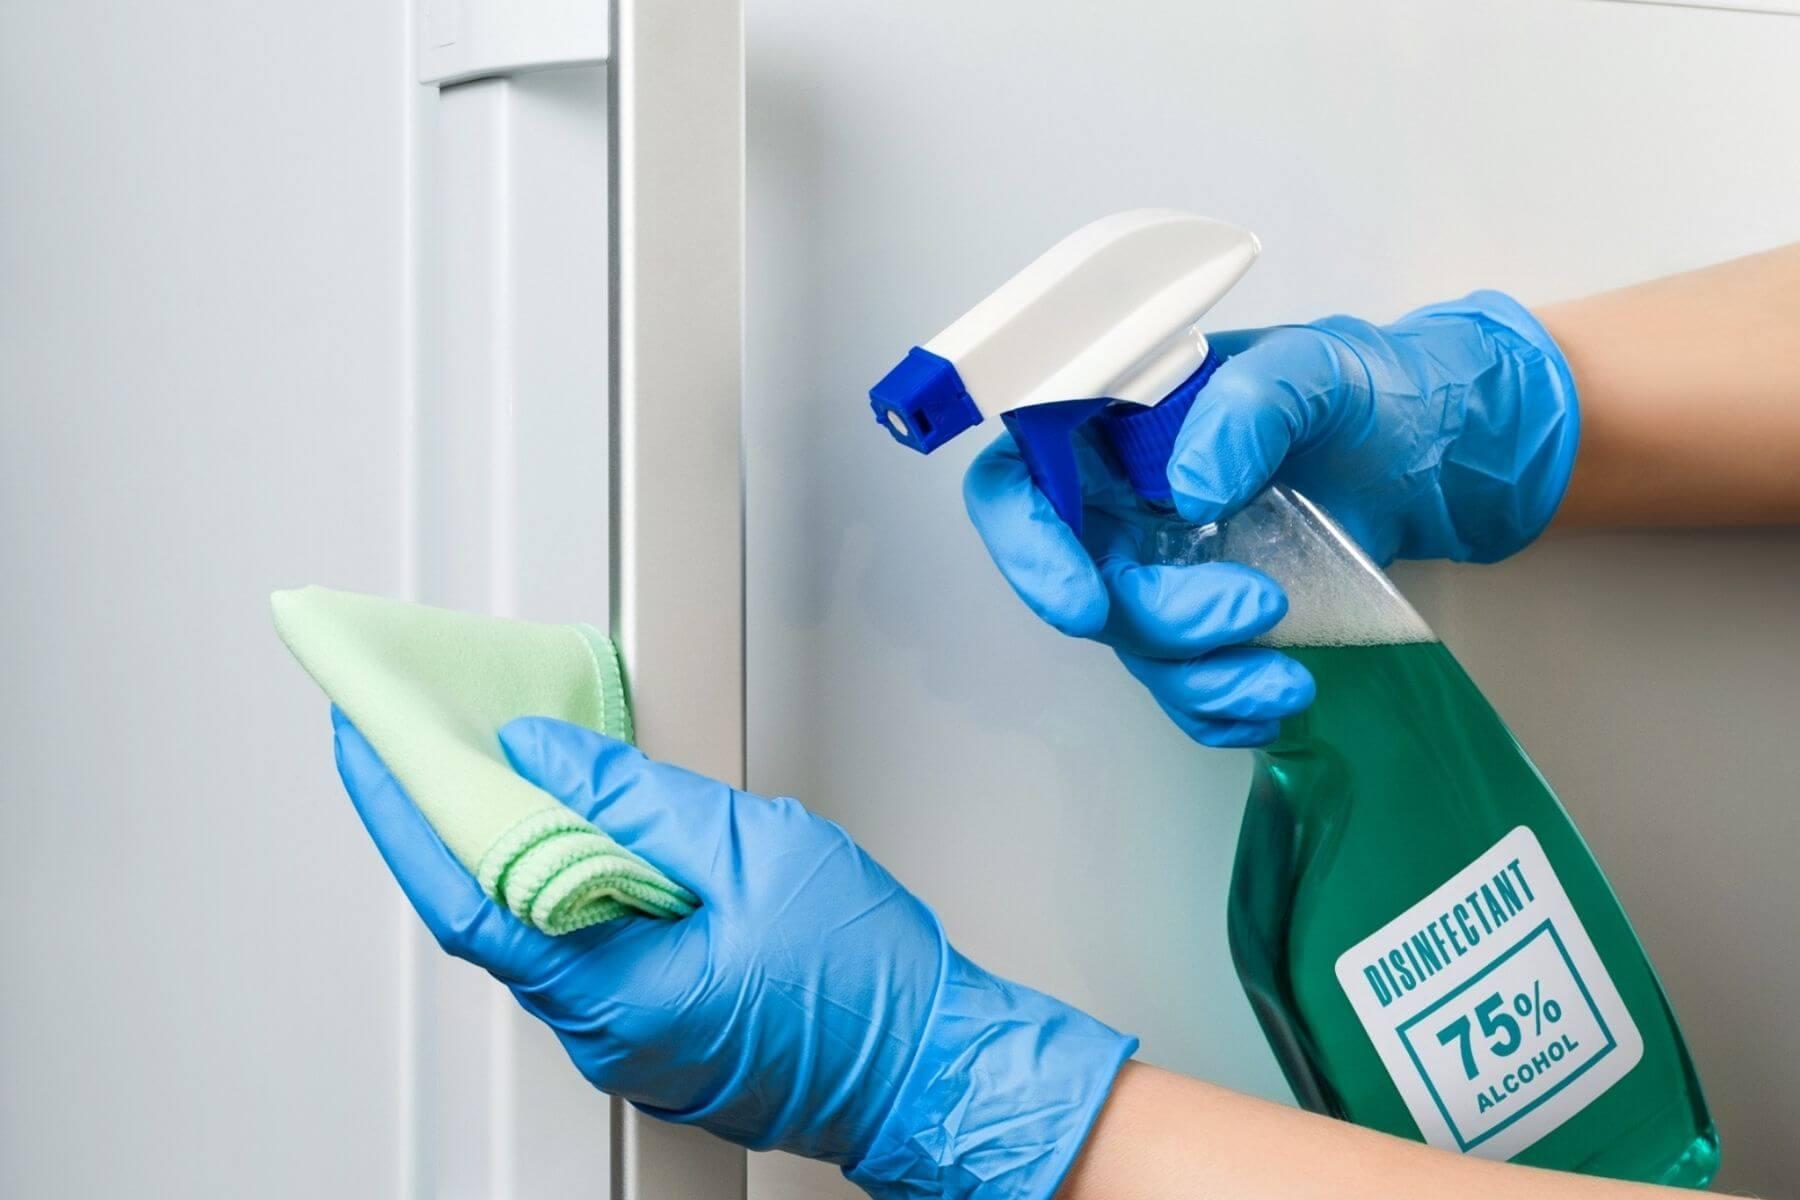 ทำความสะอาดบ้าน ป้องกัน COVID-19 ที่จับตู้เย็น